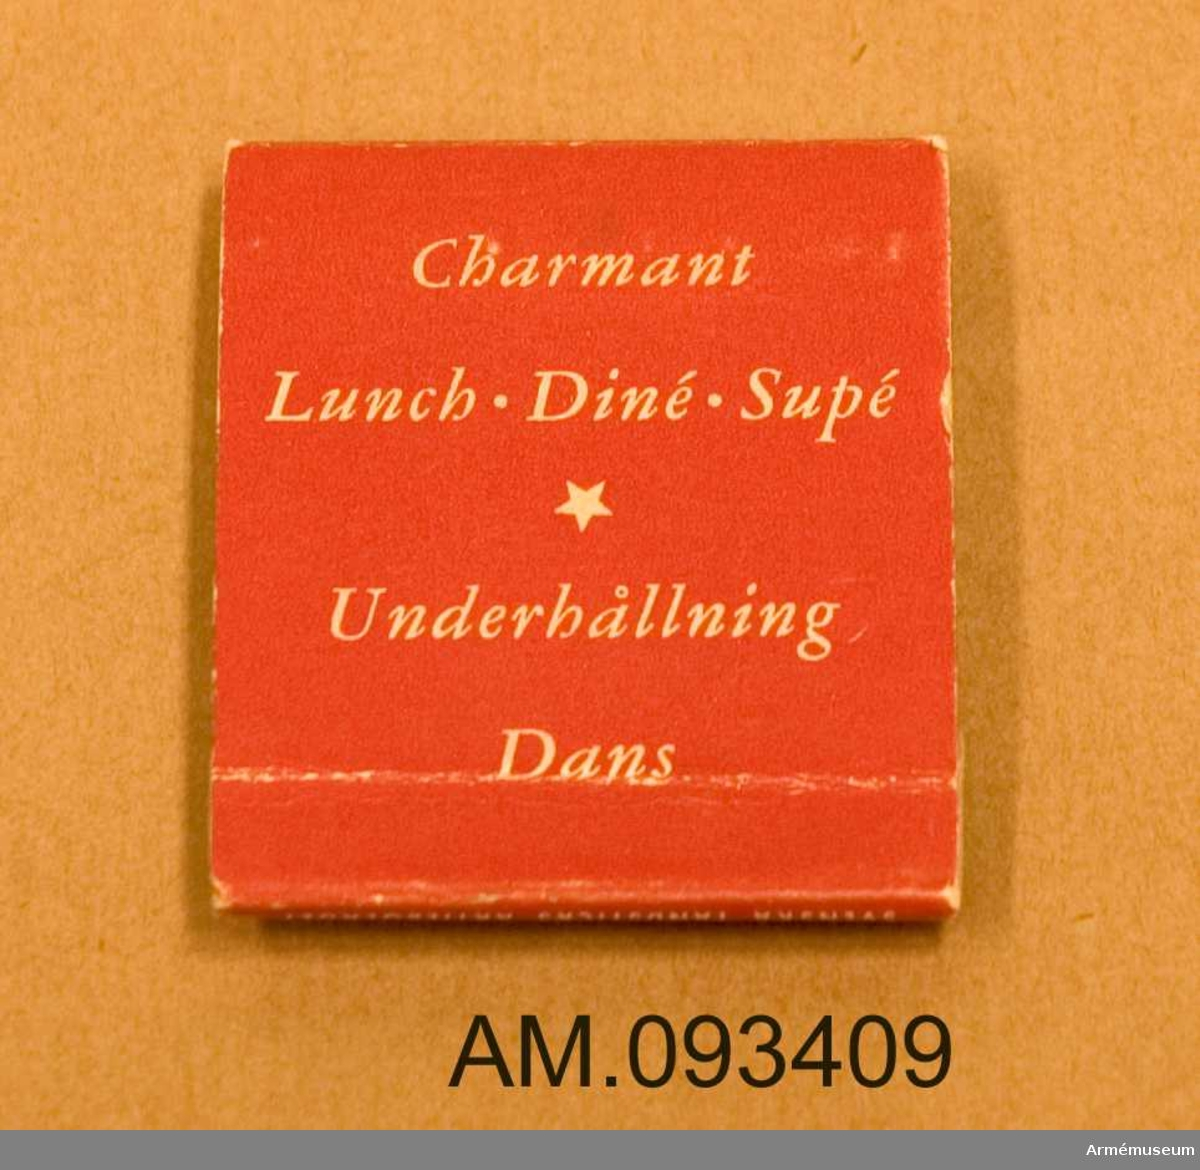 Rött tändsticksfodral i papp med 18 stycken tändstickor. Innehåller både tryckt information och handskrivna noteringar, (se påförd text).